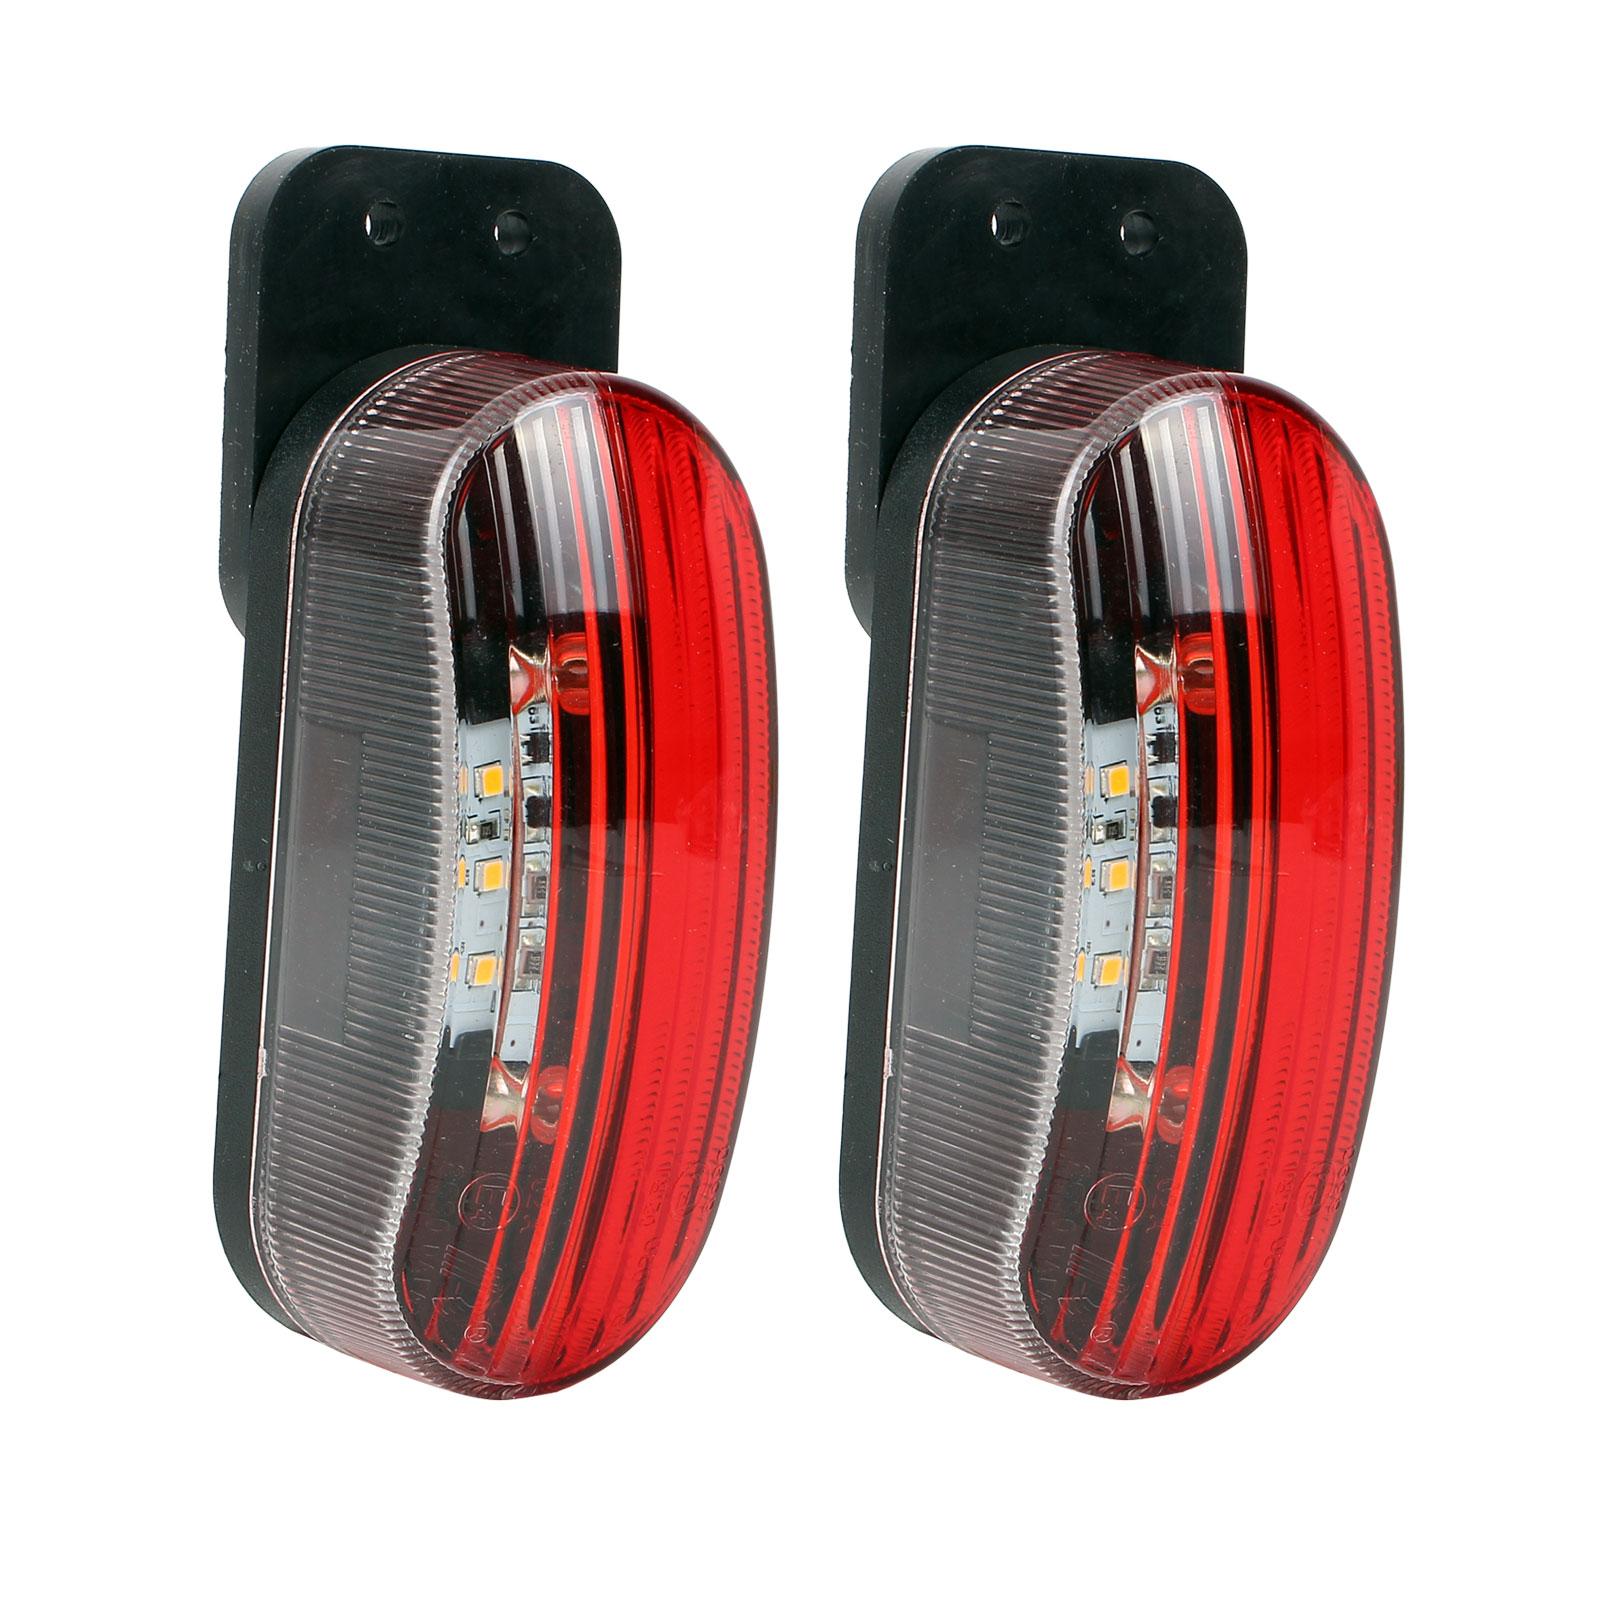 Umrissleuchten 2er Set LED rot/weiß 98x42x38 mm, 12 Volt, 2 Watt